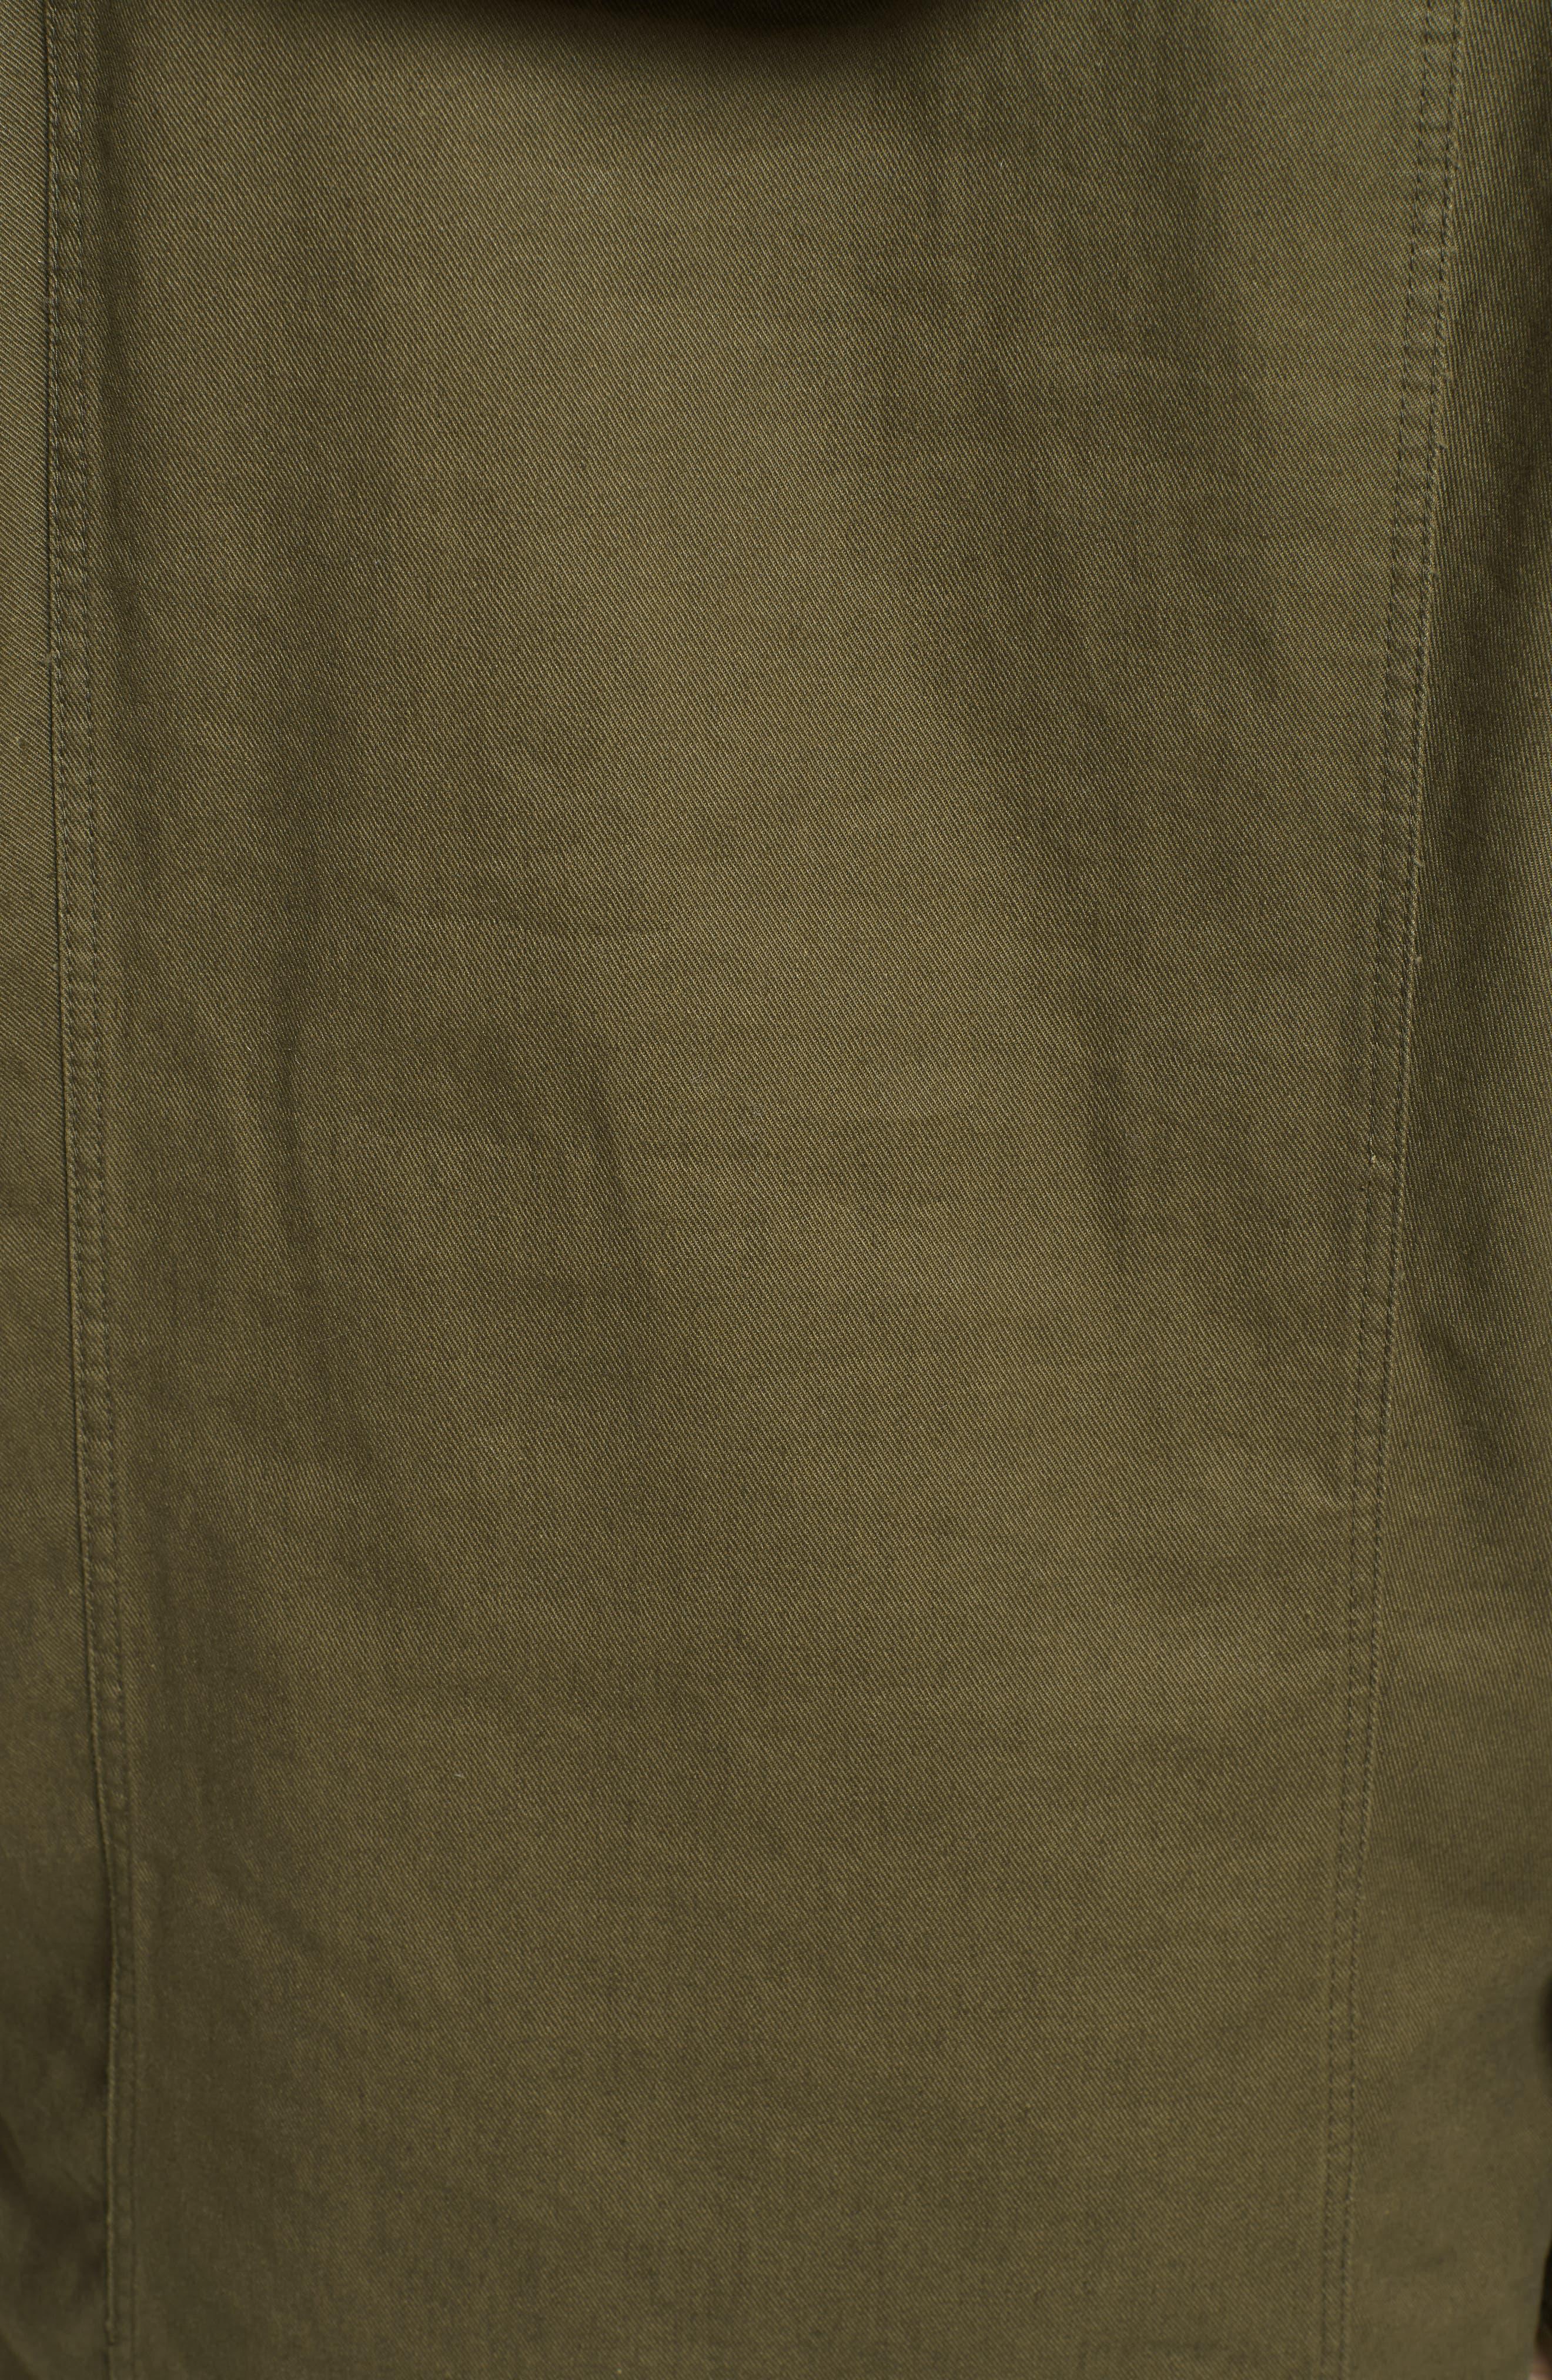 Patch Embellished Cotton Blend Gabardine Dress,                             Alternate thumbnail 6, color,